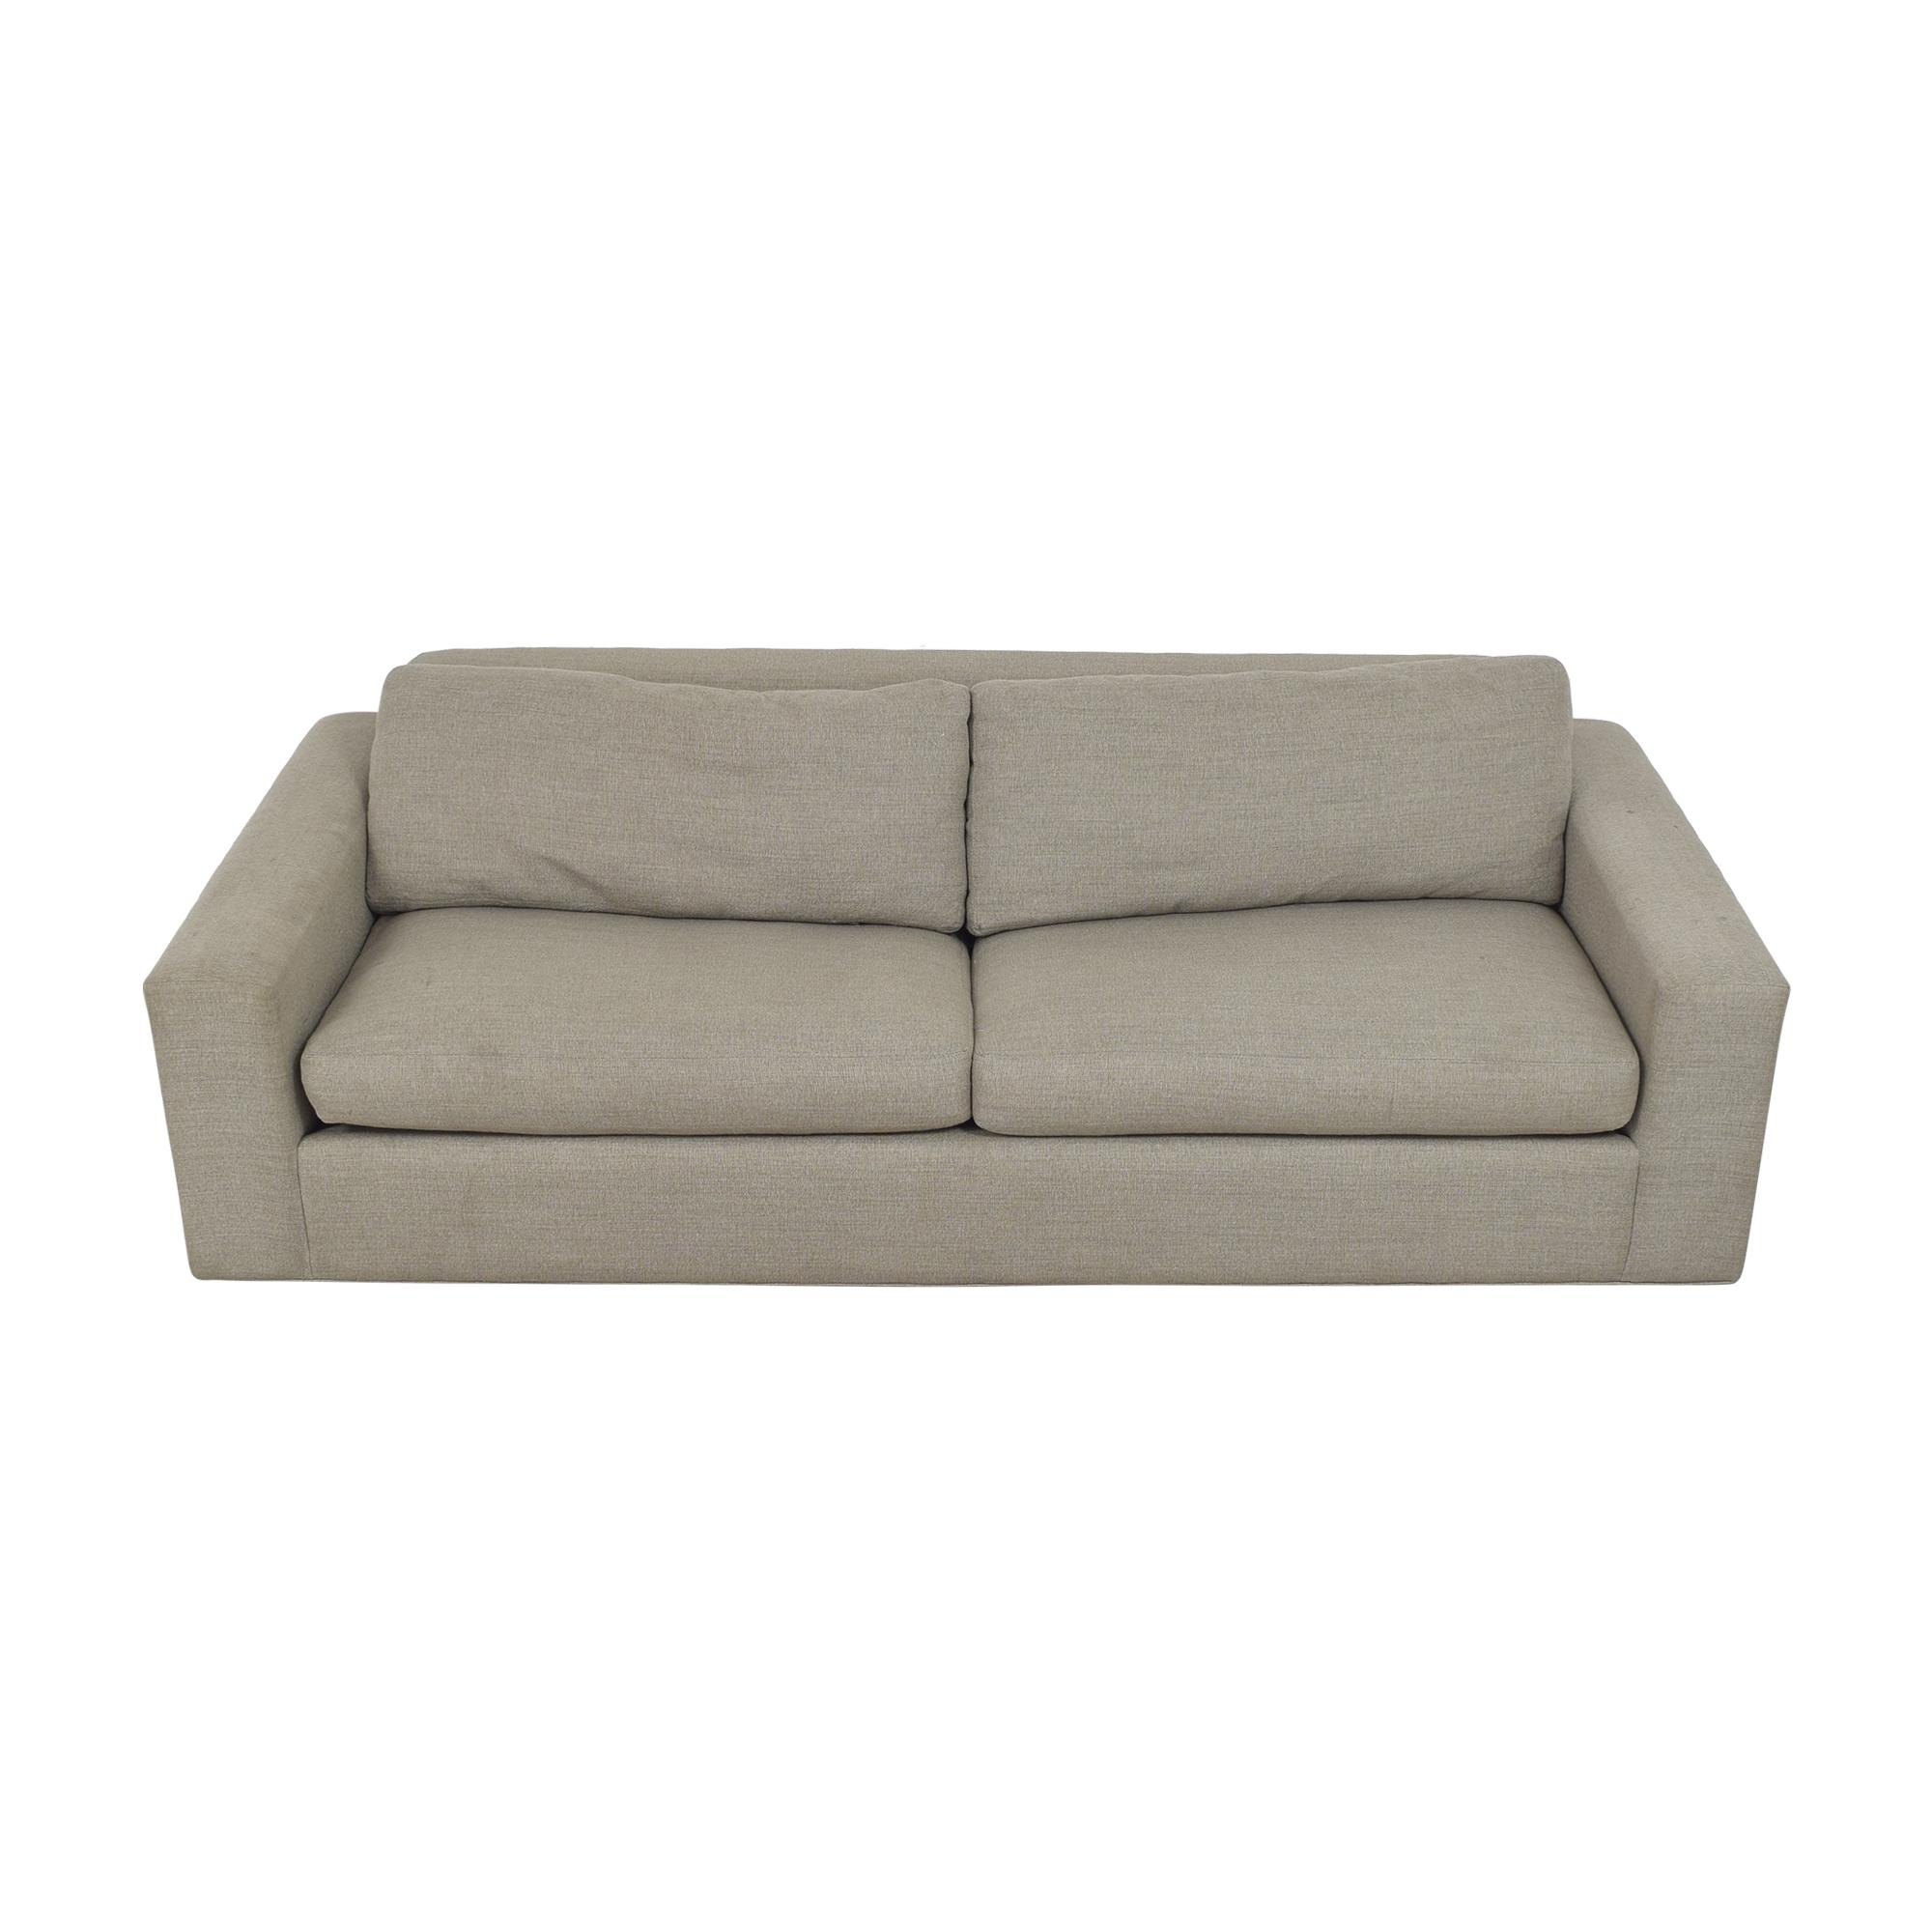 Room & Board Room & Board Beckett Sleeper Sofa dimensions